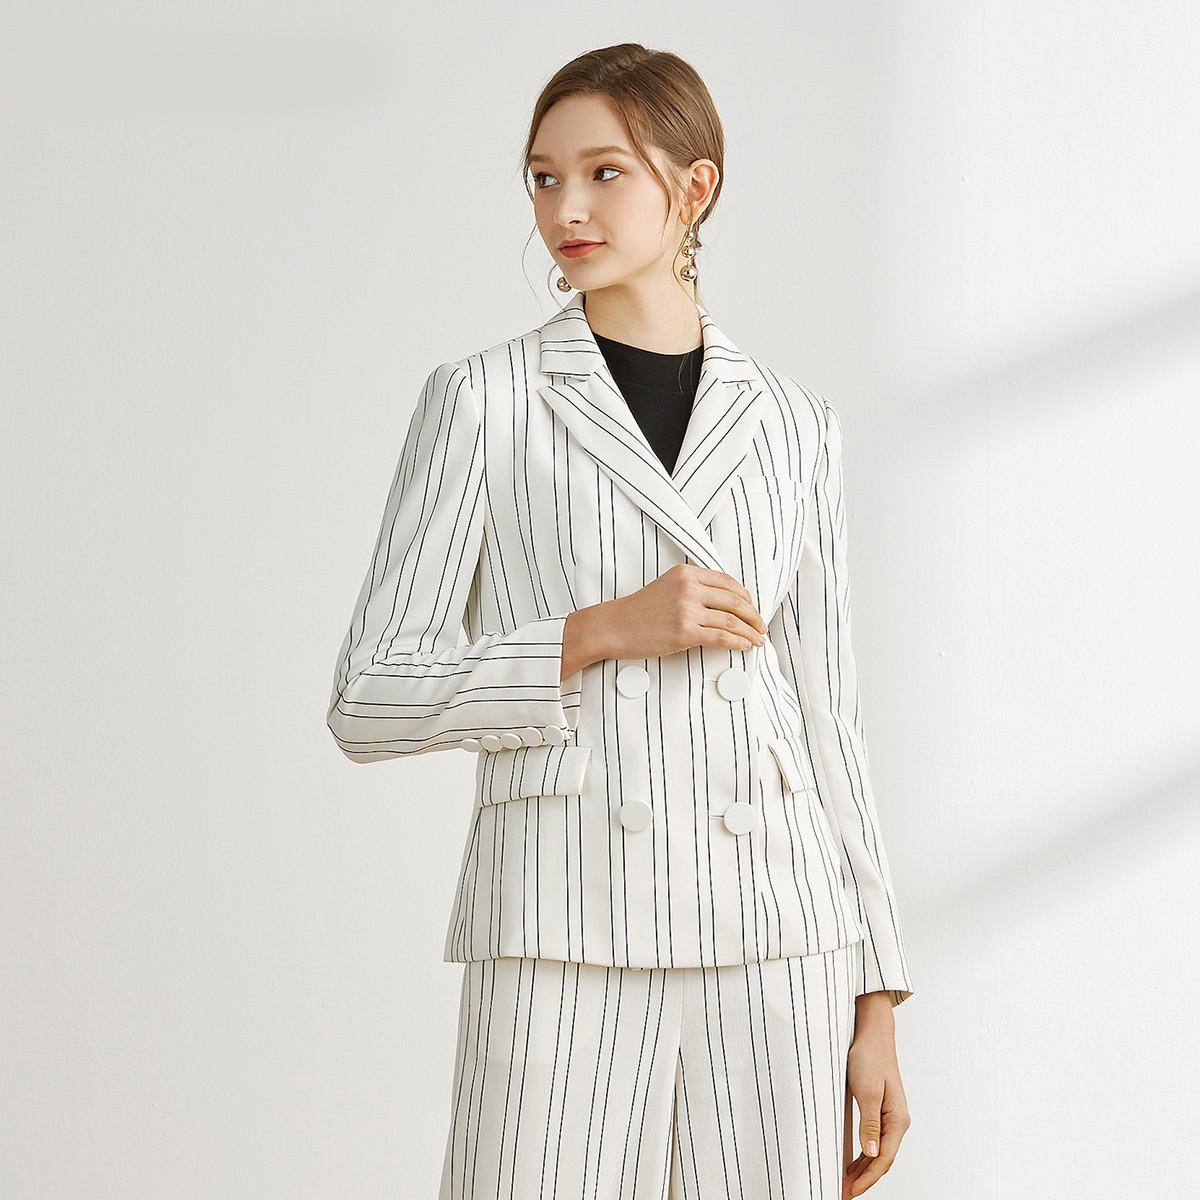 娜尔思·灵2019薄款翻领条纹撞色外套休闲通勤显瘦西装外套女L1AHB130200